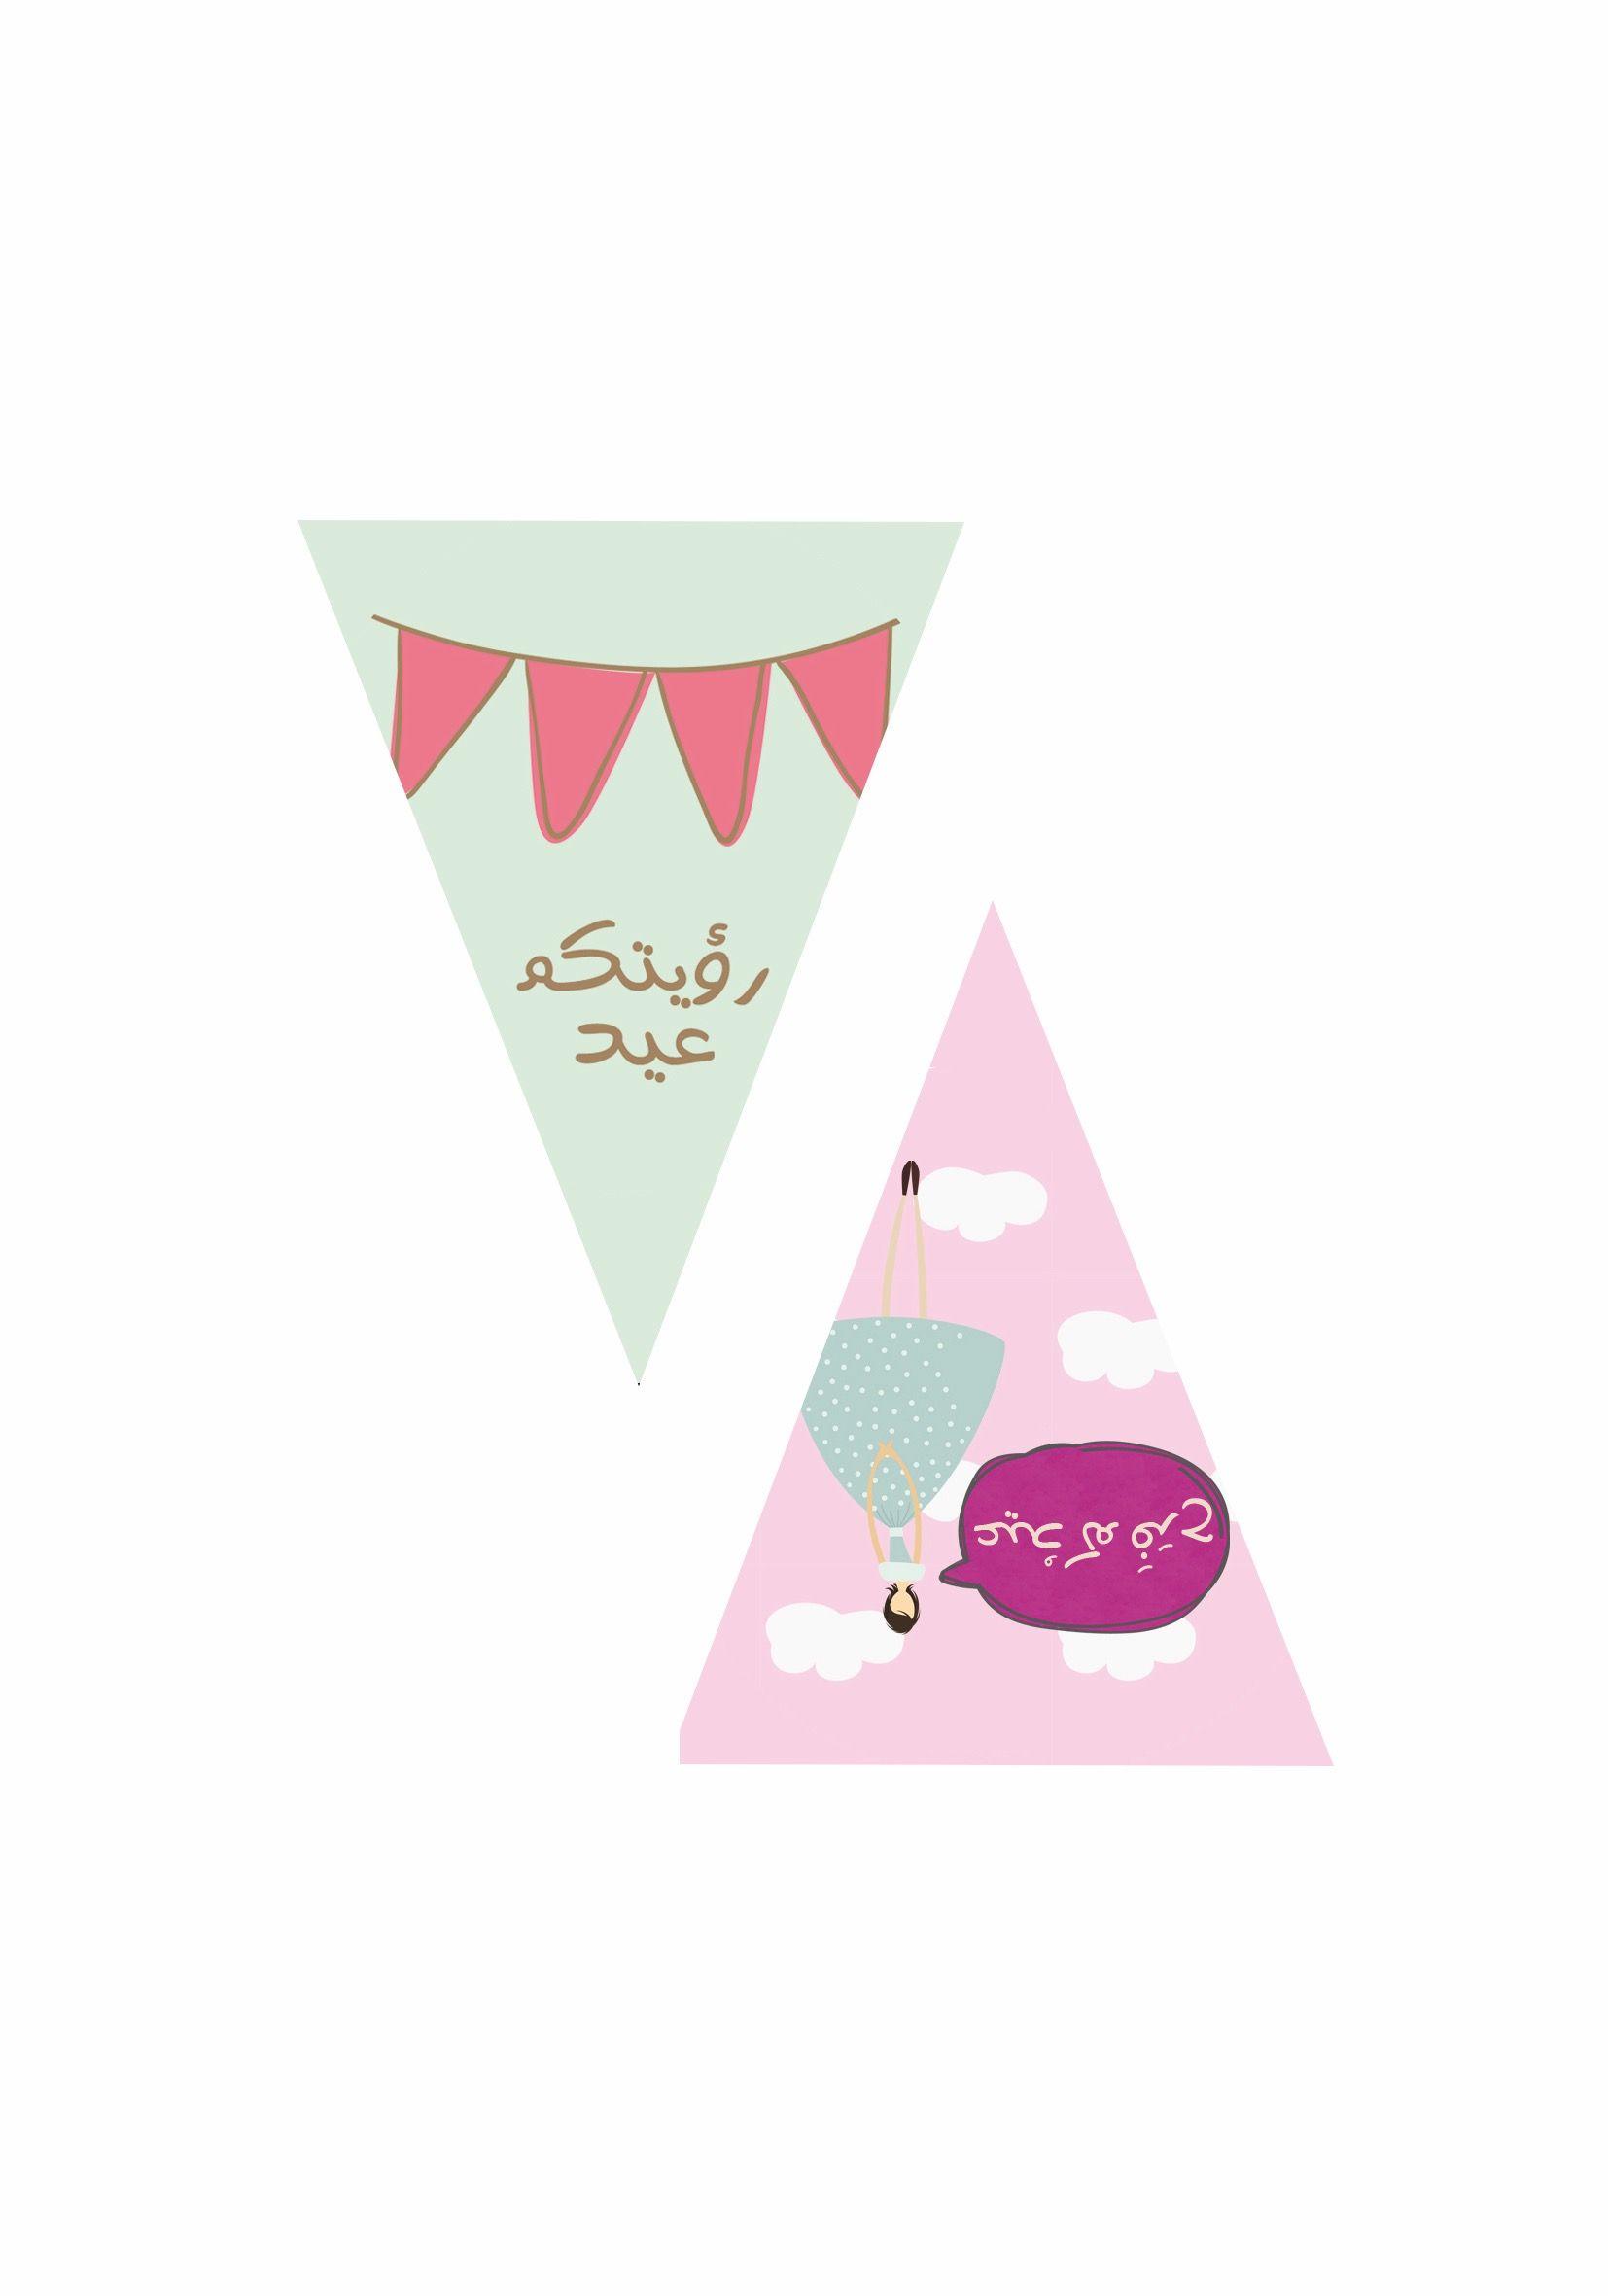 العيد على الأبواب وجبت لكم عيديه ثيمات للعيد مجتمع فرايز فسحة سماوية وحكاوي رايقة Diy Eid Decorations Eid Decoration Abstract Wallpaper Backgrounds